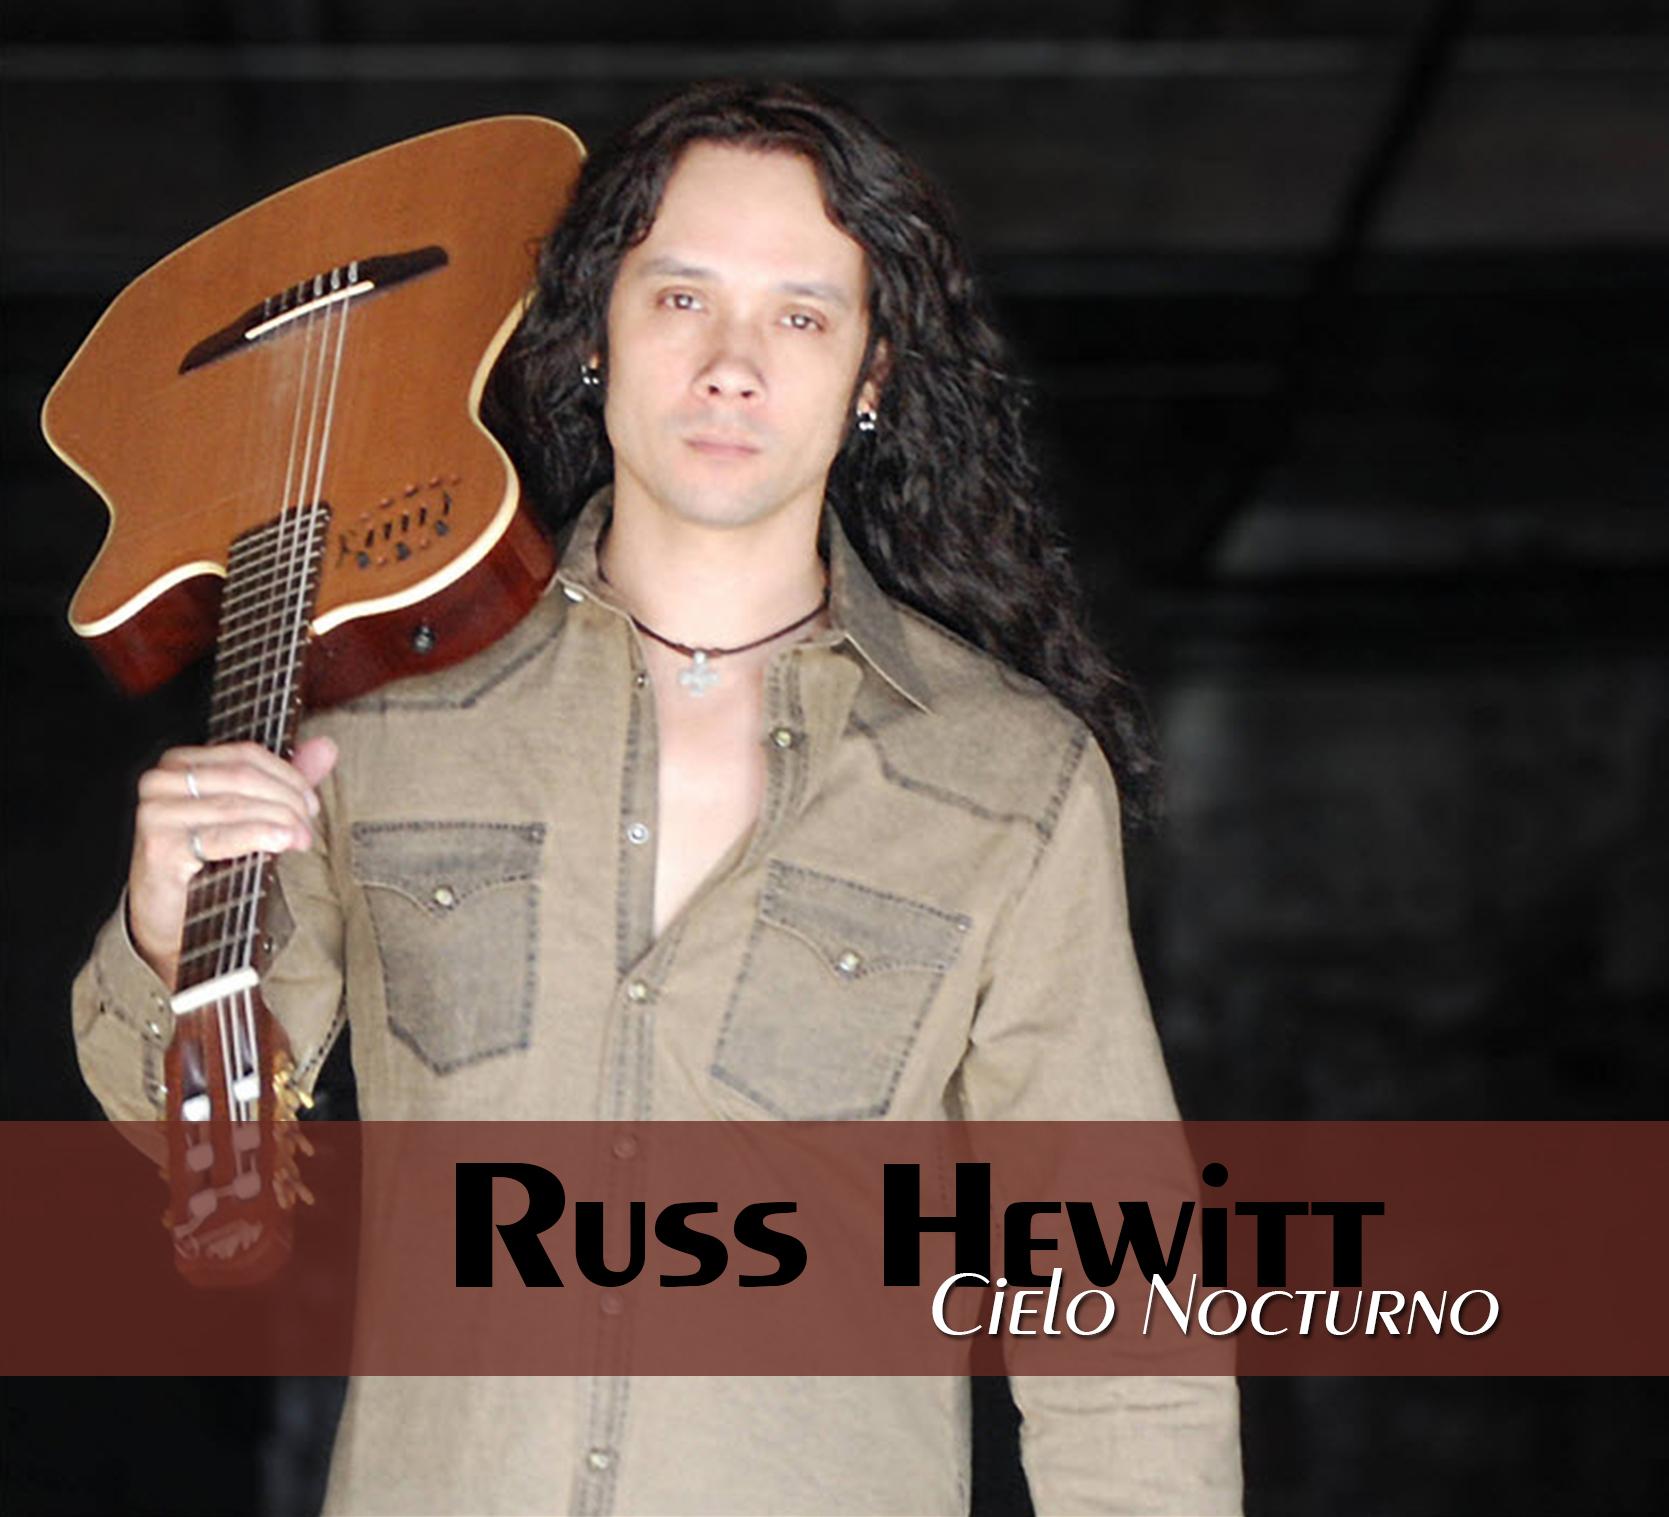 Russ Hewitt 'Cielo Nocturno'